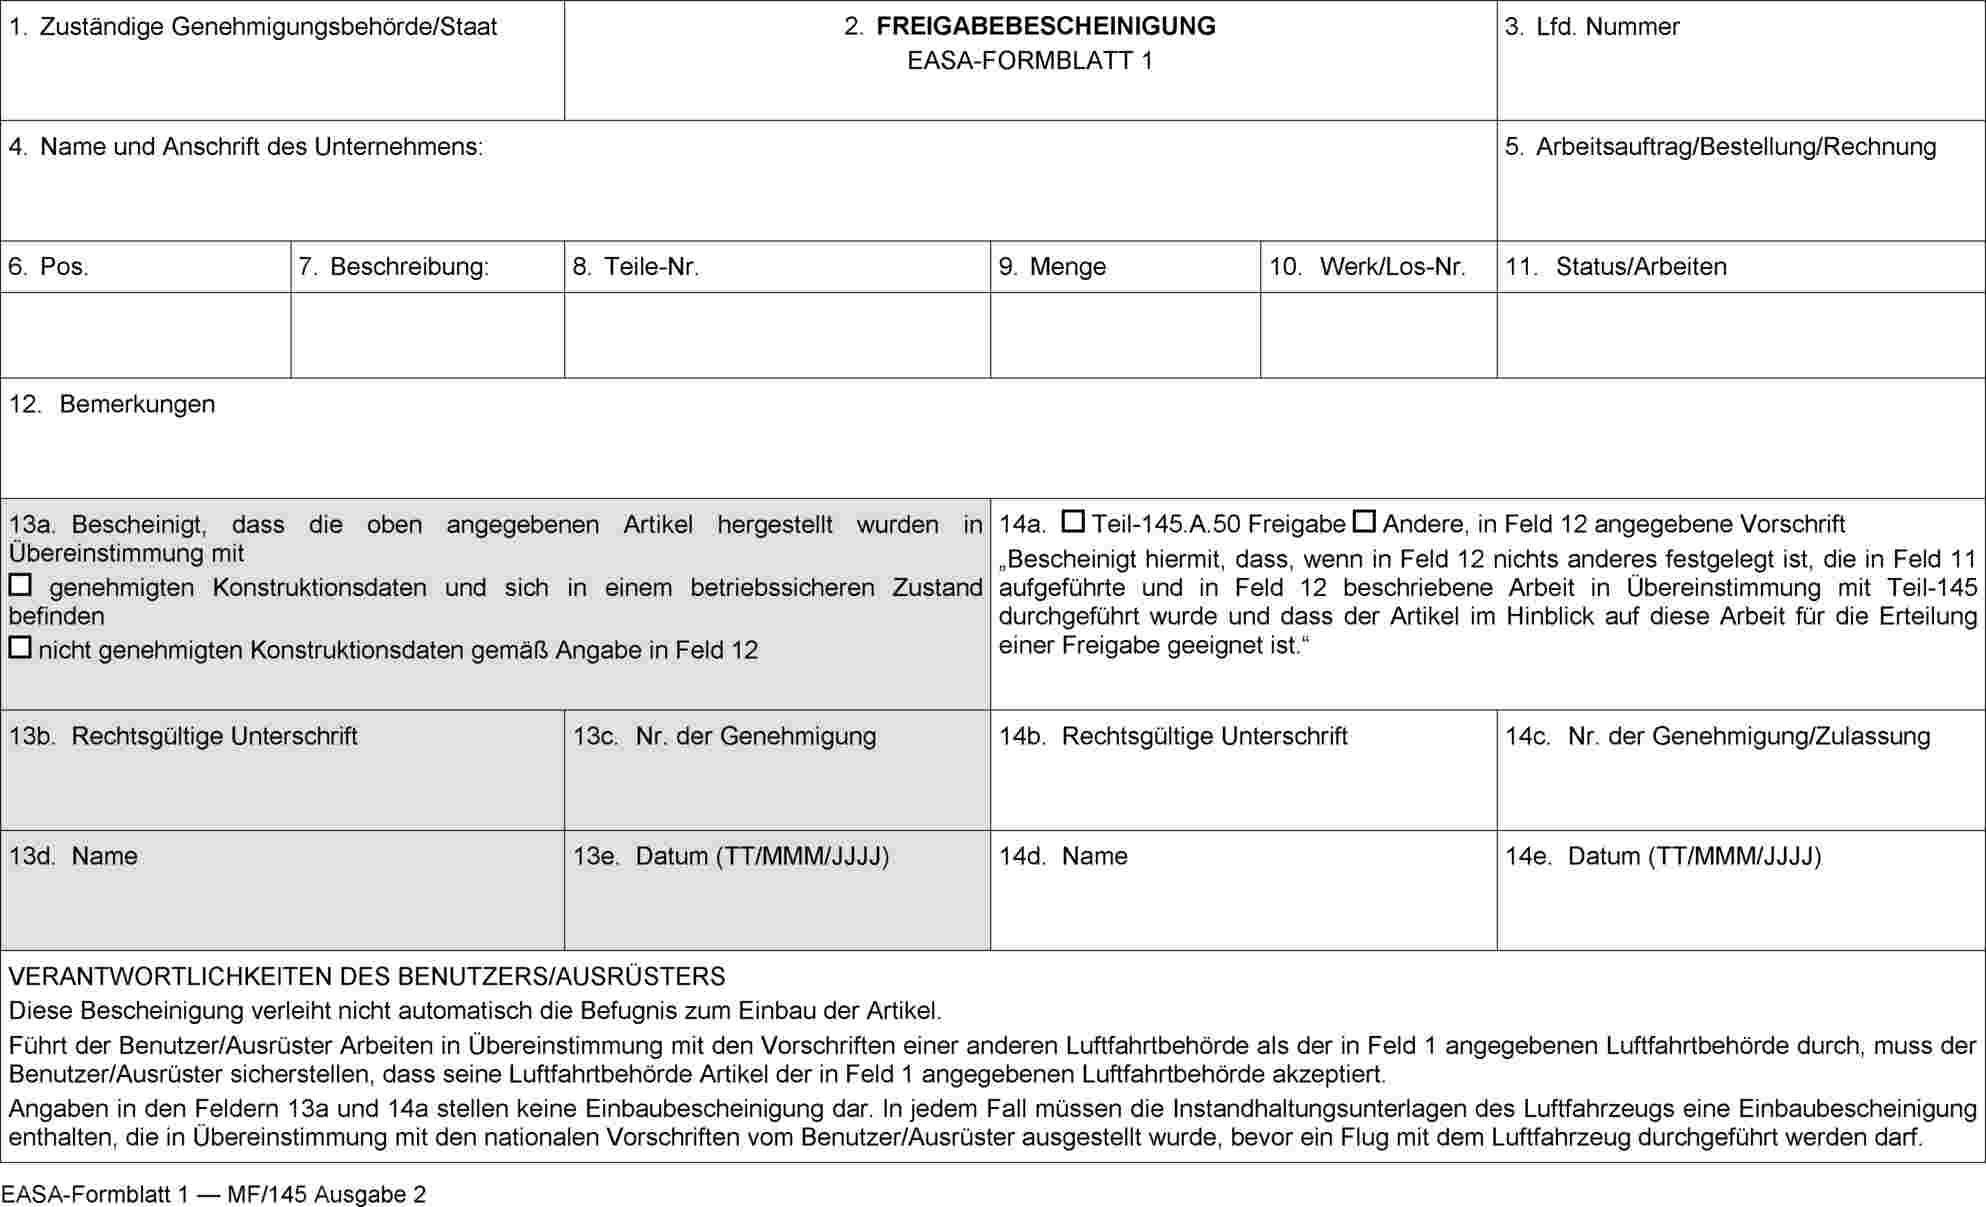 EUR-Lex - L:2014:362:FULL - EN - EUR-Lex